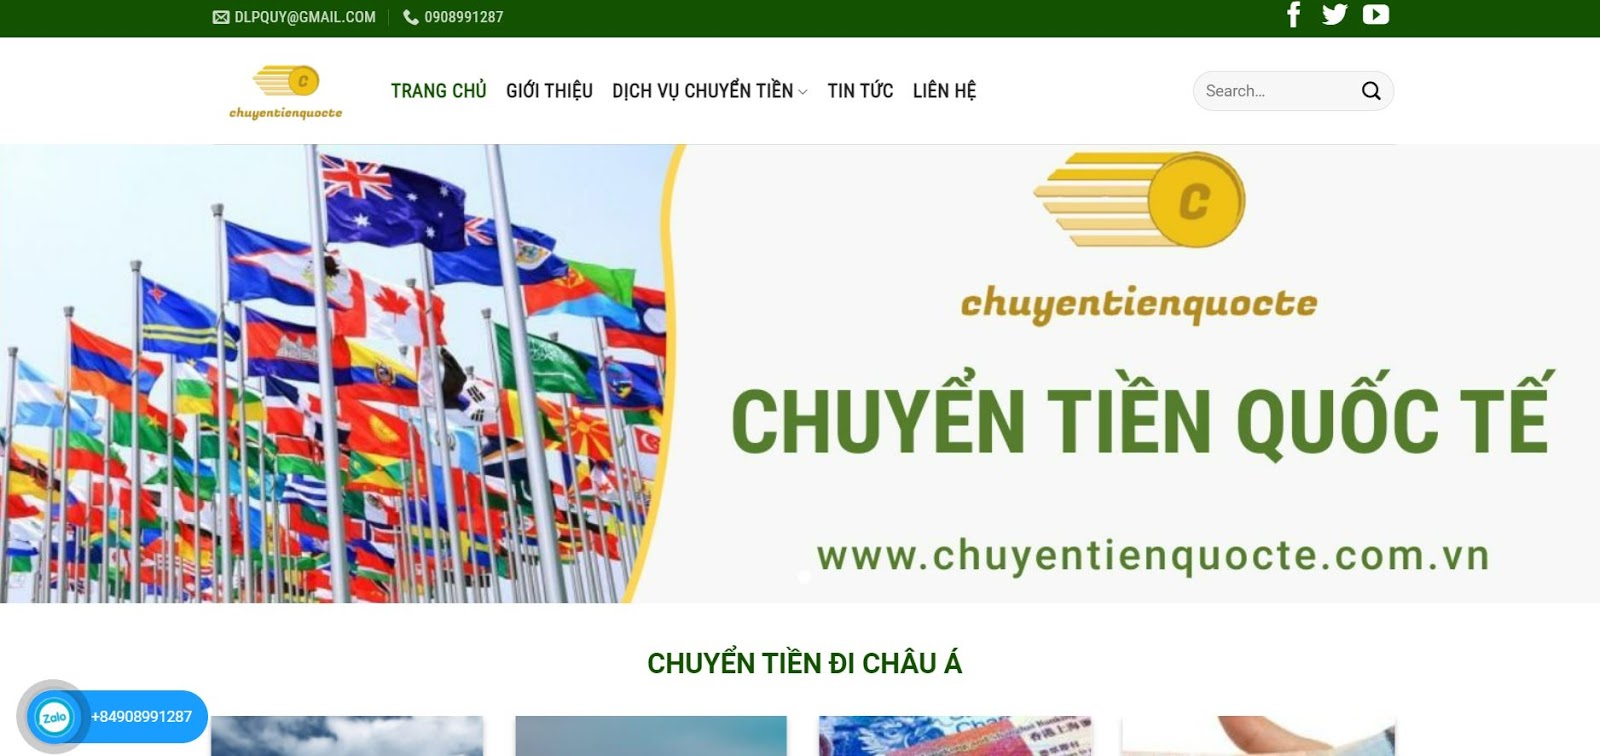 Chuyentienquocte.com.vn chuyển tiền từ Việt Nam sang Thái nhanh chóng, an toàn